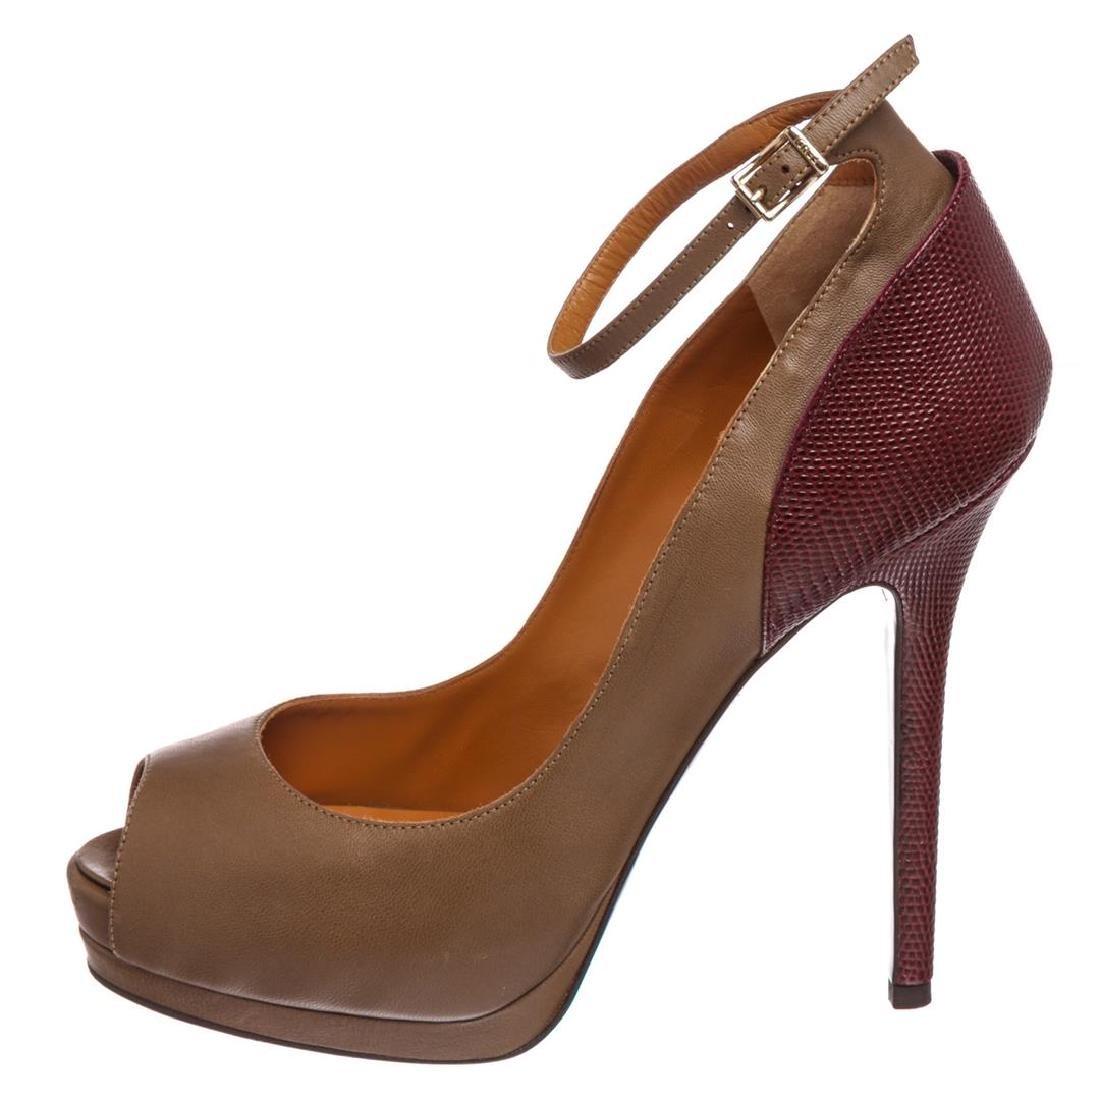 Fendi Taupe Leather Lizard Peep Toe Platform Heels - 6